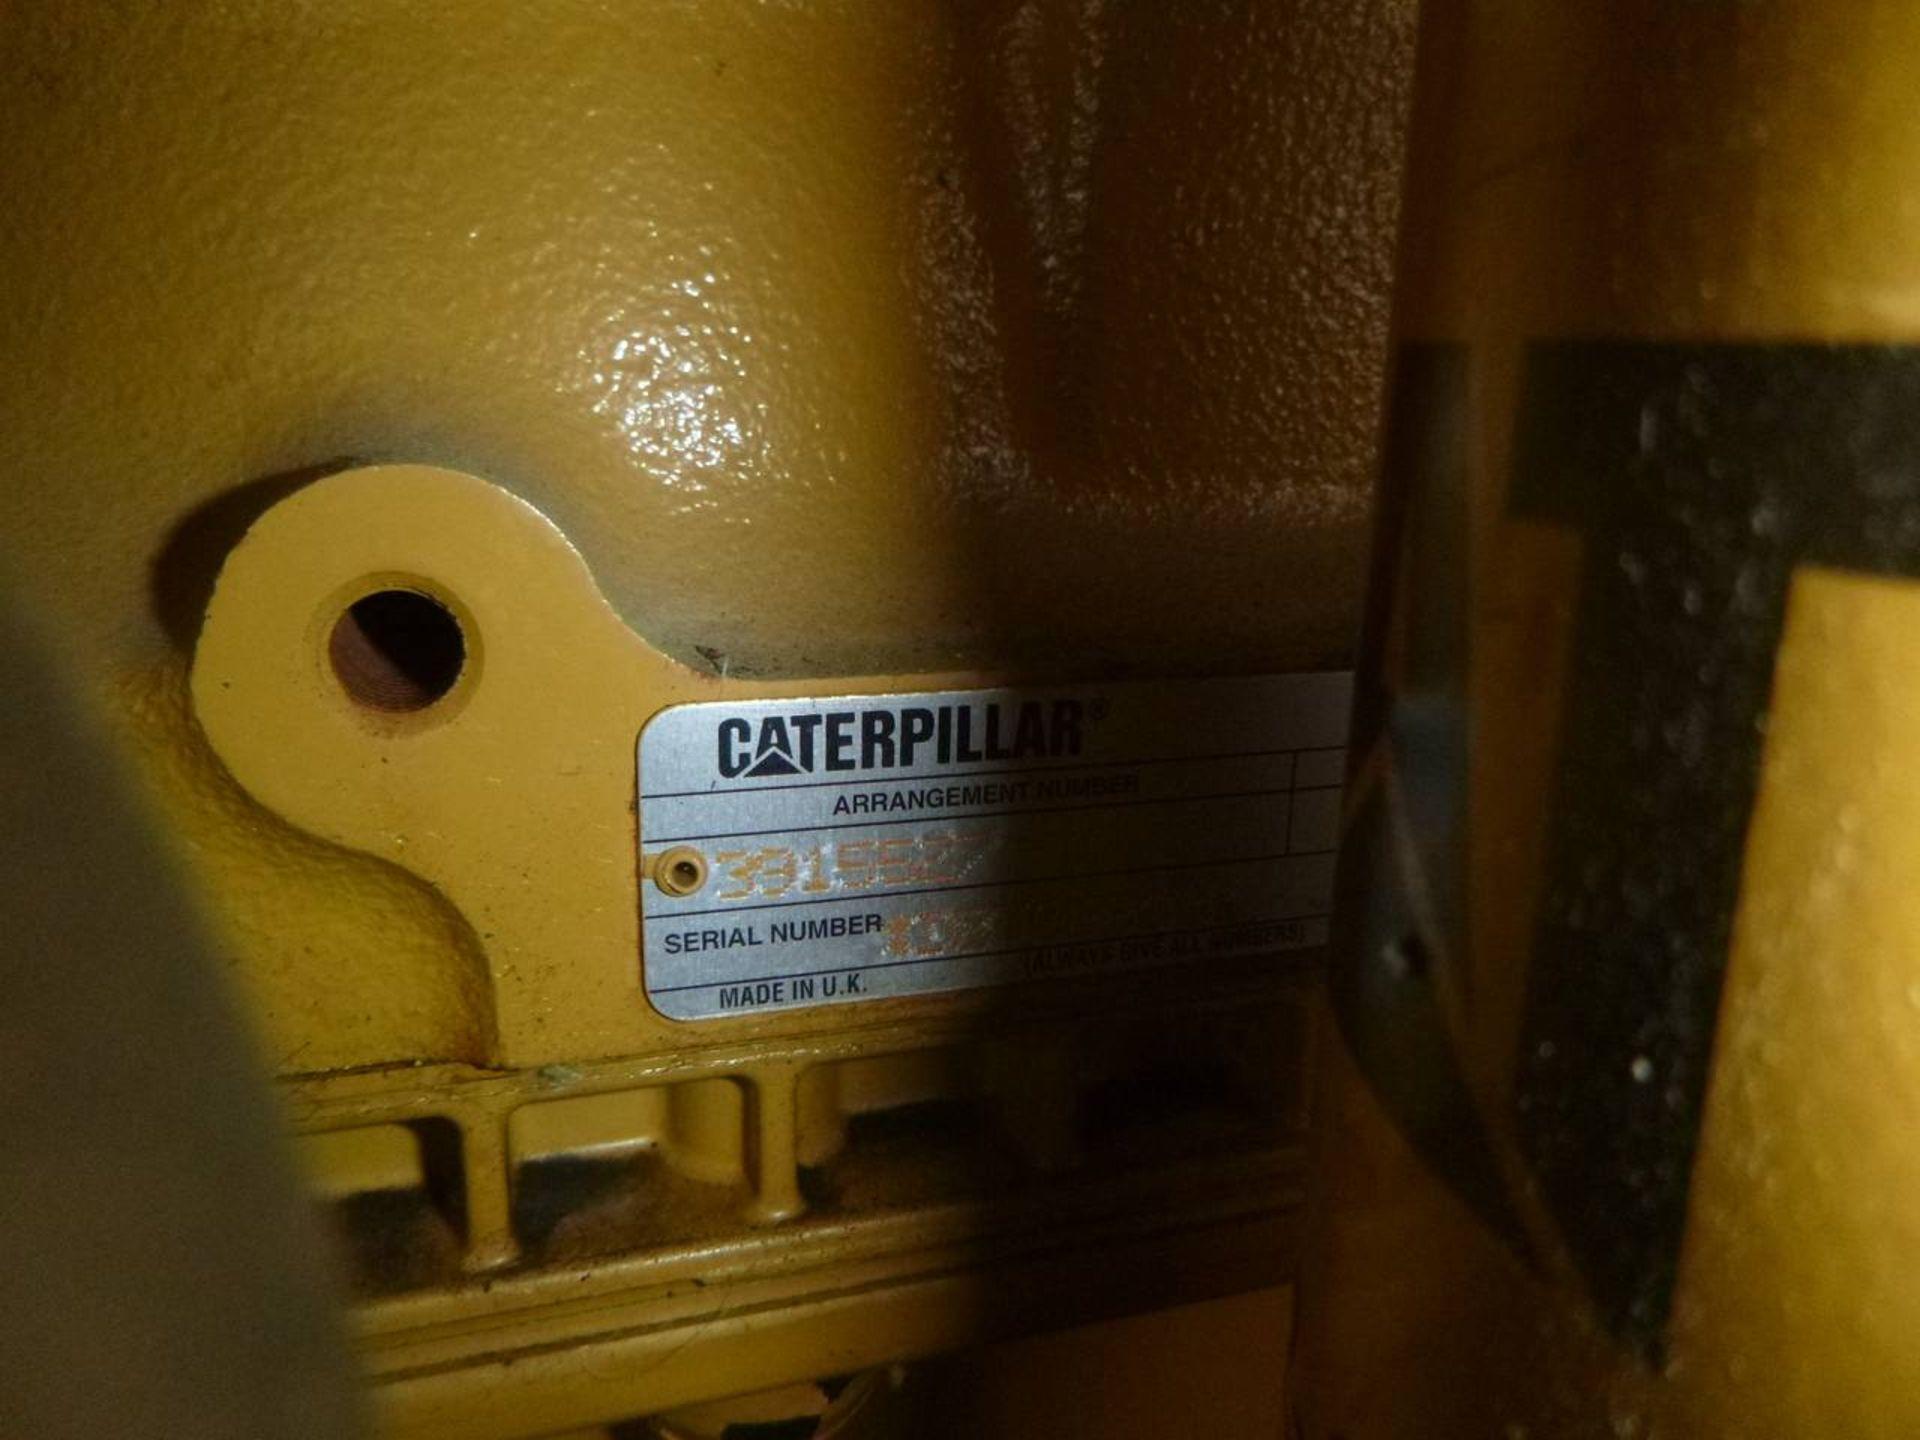 2015 Caterpillar M320F Wheel Excavator - Image 6 of 18